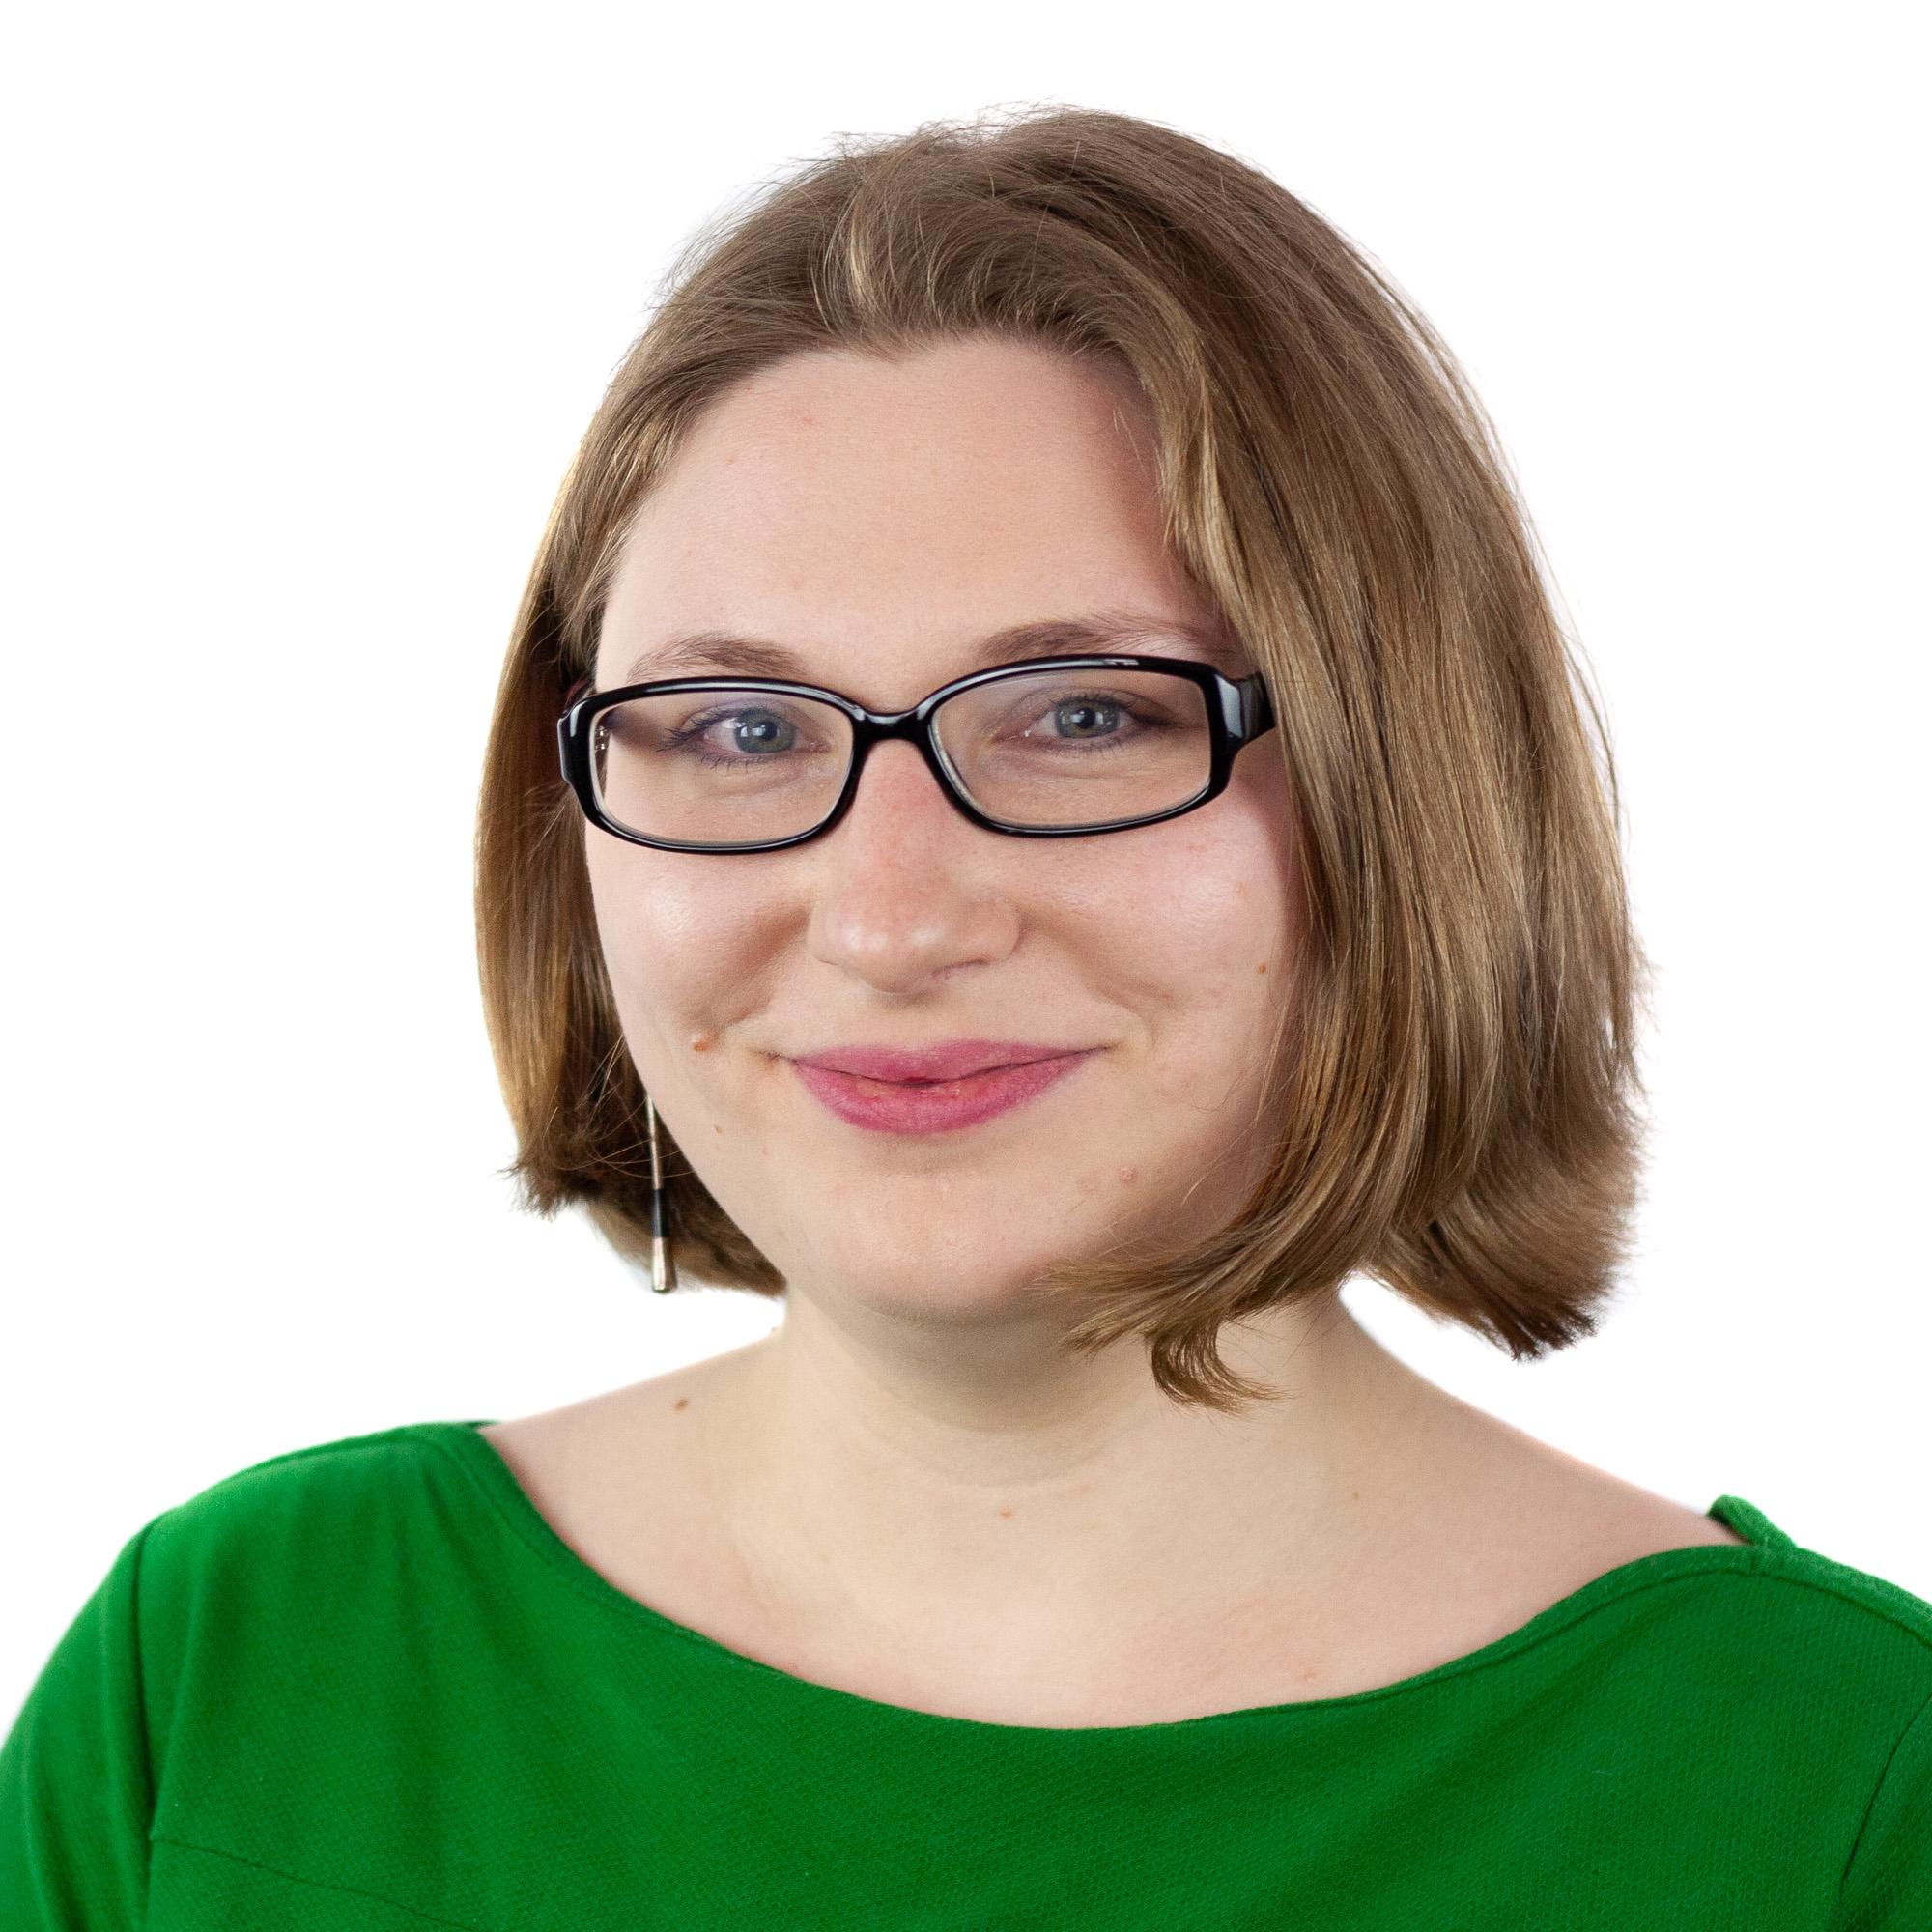 Anna Maringer